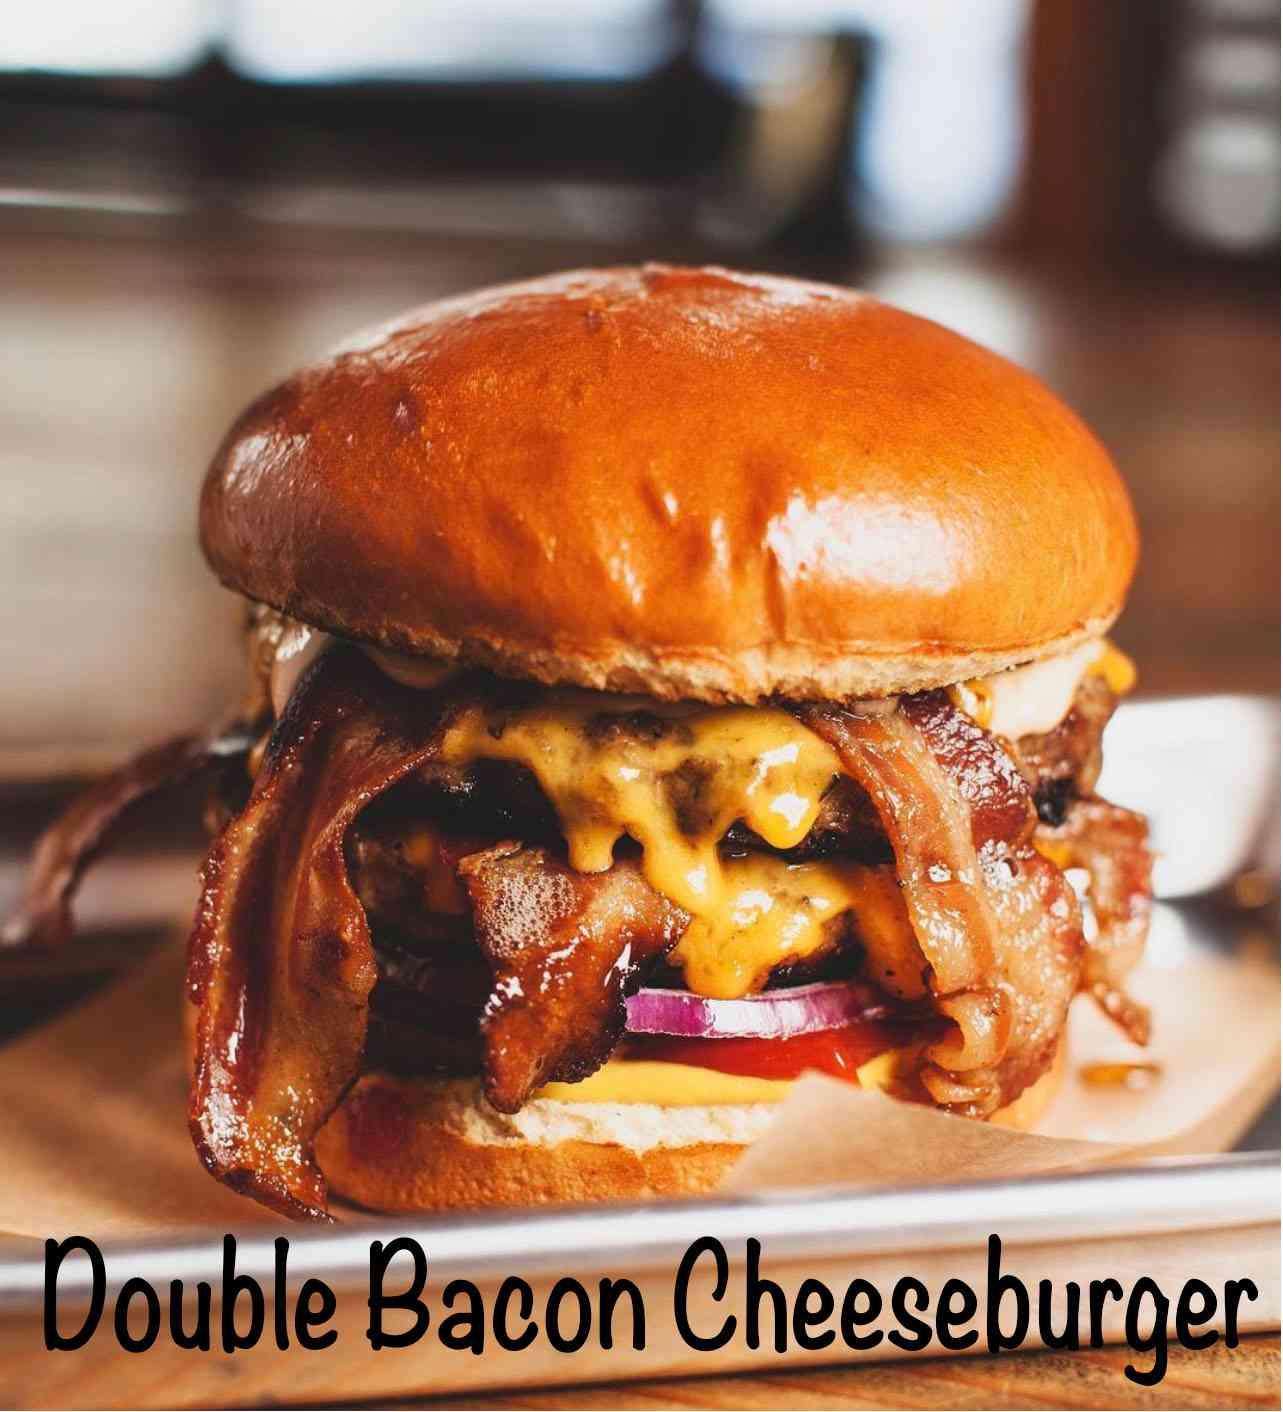 Double Bacon Cheesebur